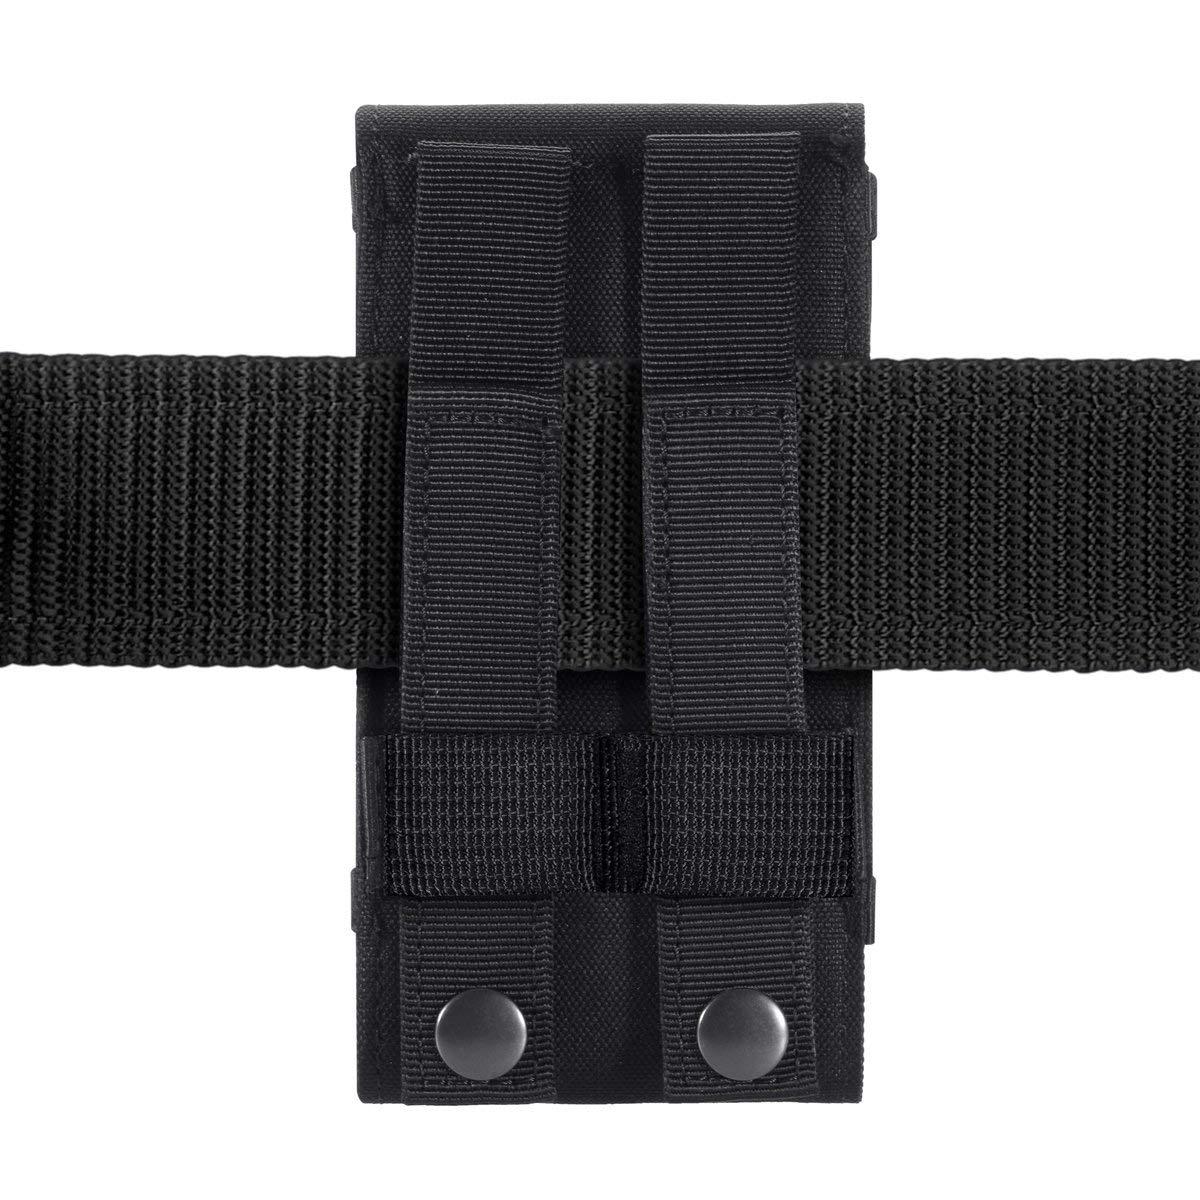 Urvoix Black Army Camo Molle Tasche f/ür Handy G/ürteltasche Holster Cover Case Gr/ö/ße L